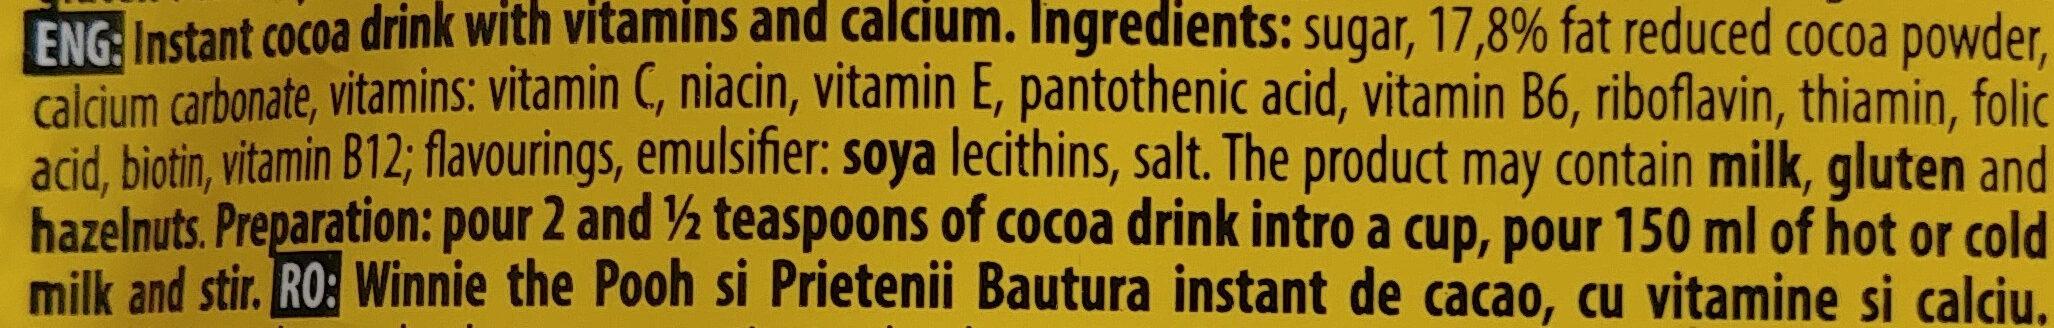 Kubuś i przyjaciele napój kakaowy instant z witaminami i wapniem. - Ingredients - en